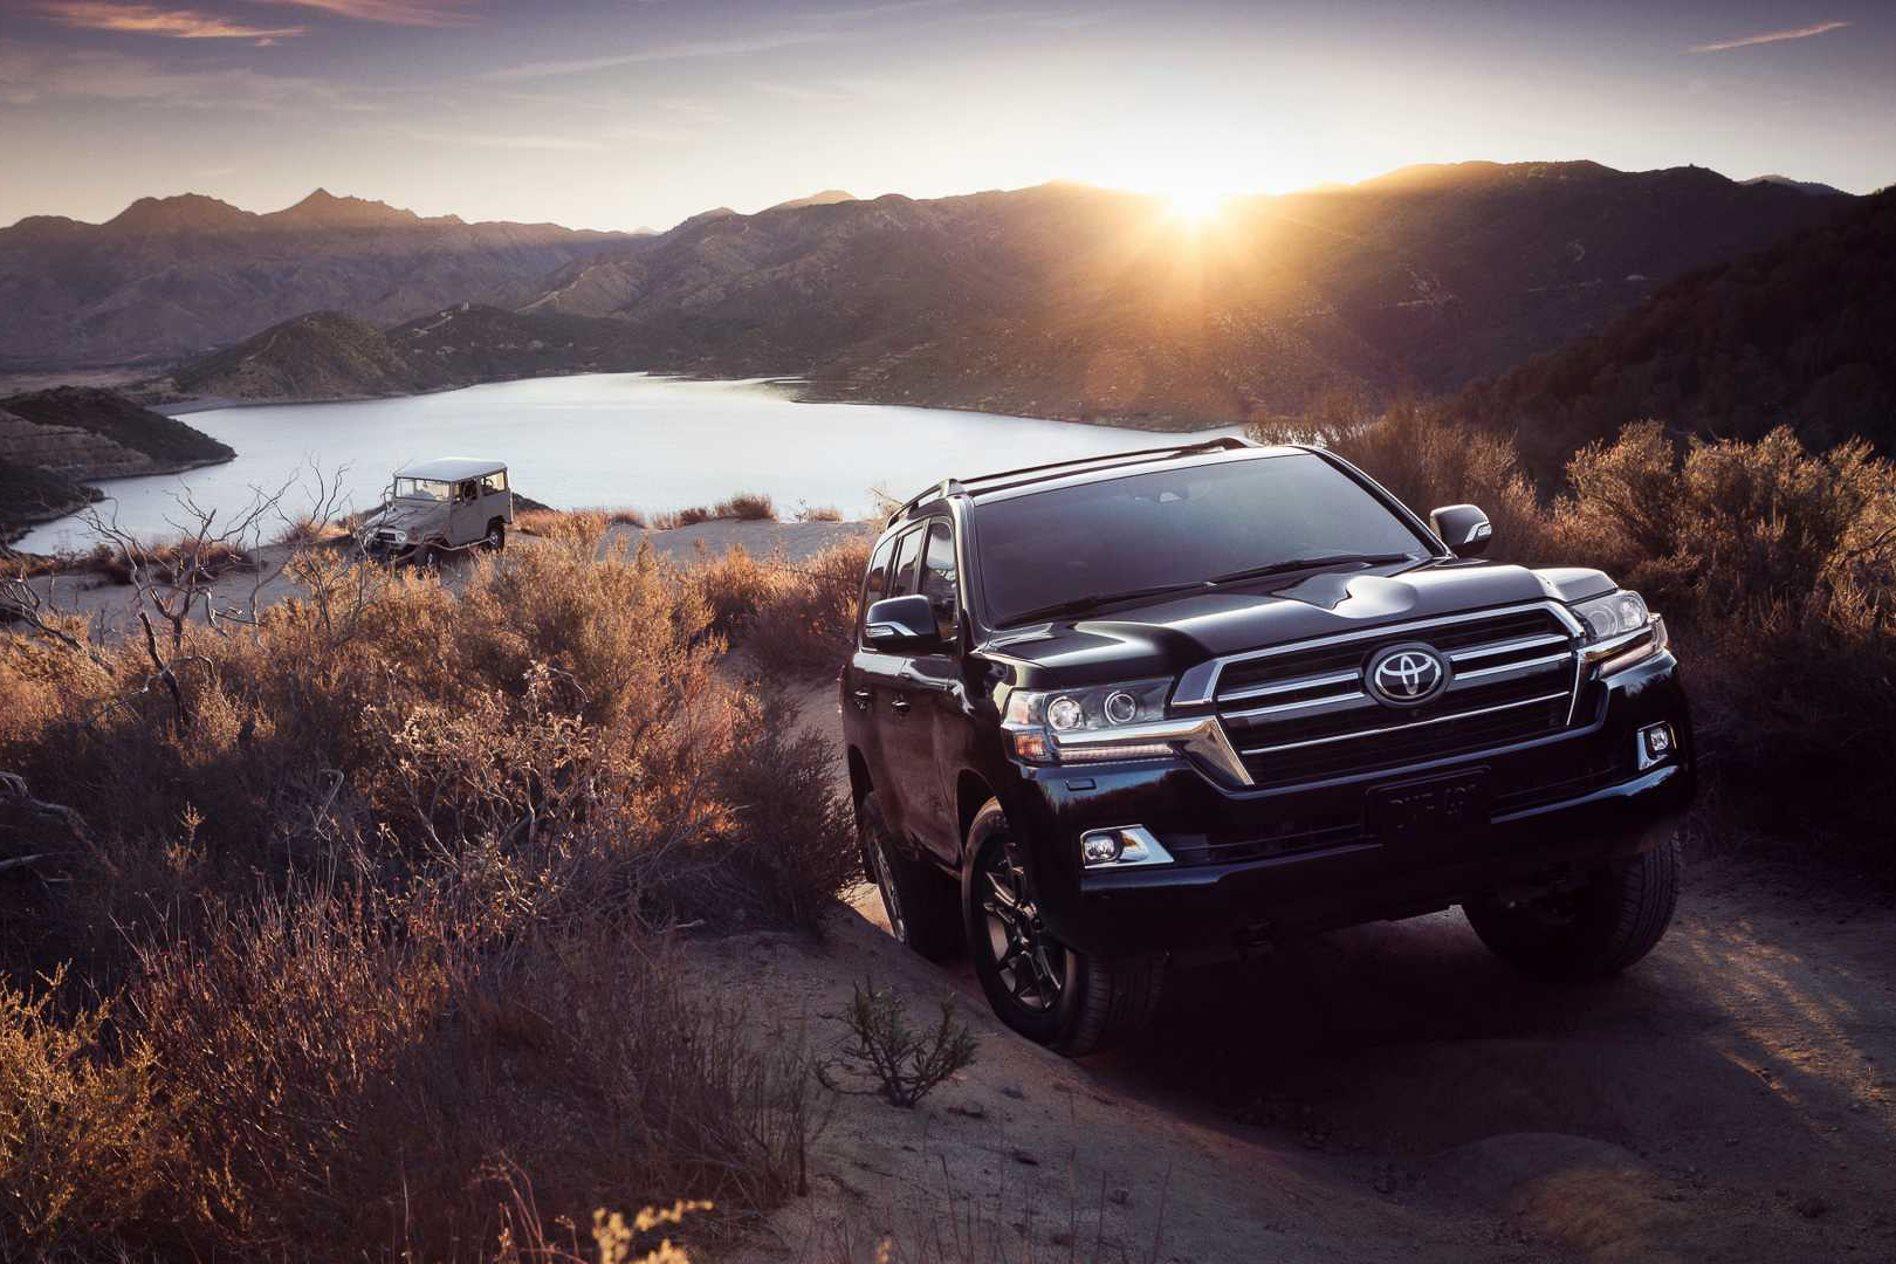 2020 Toyota Land Cruiser Diesel Overview